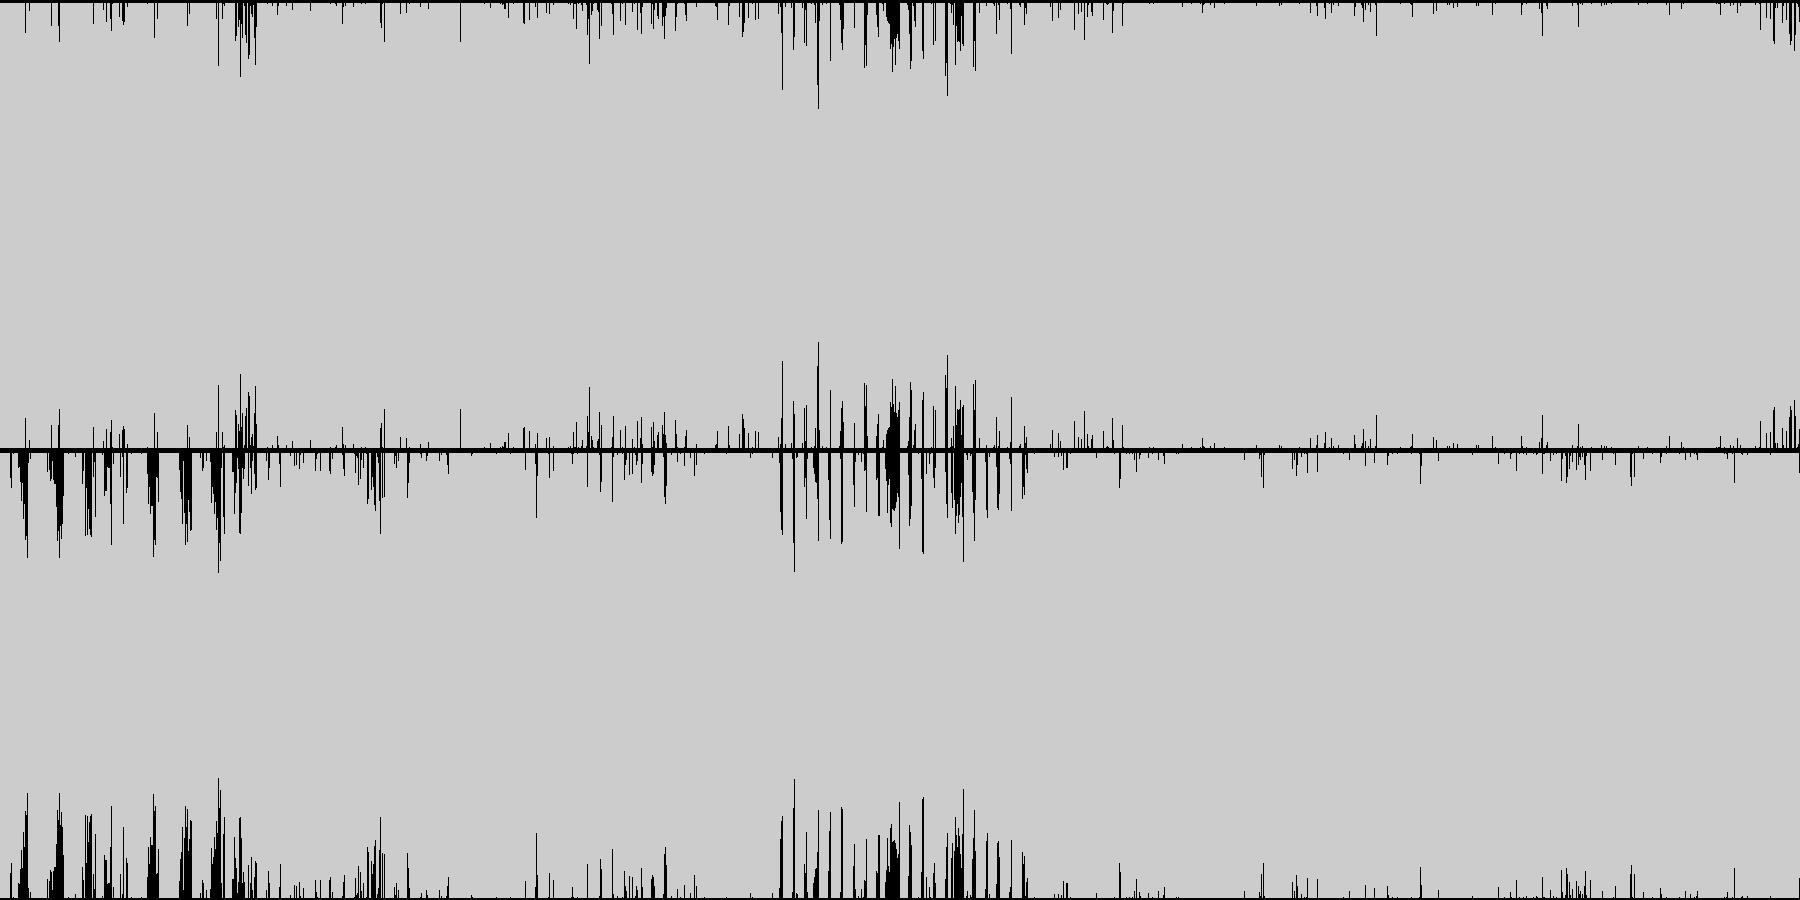 パイプオルガン際立つシンフォニックロックの未再生の波形